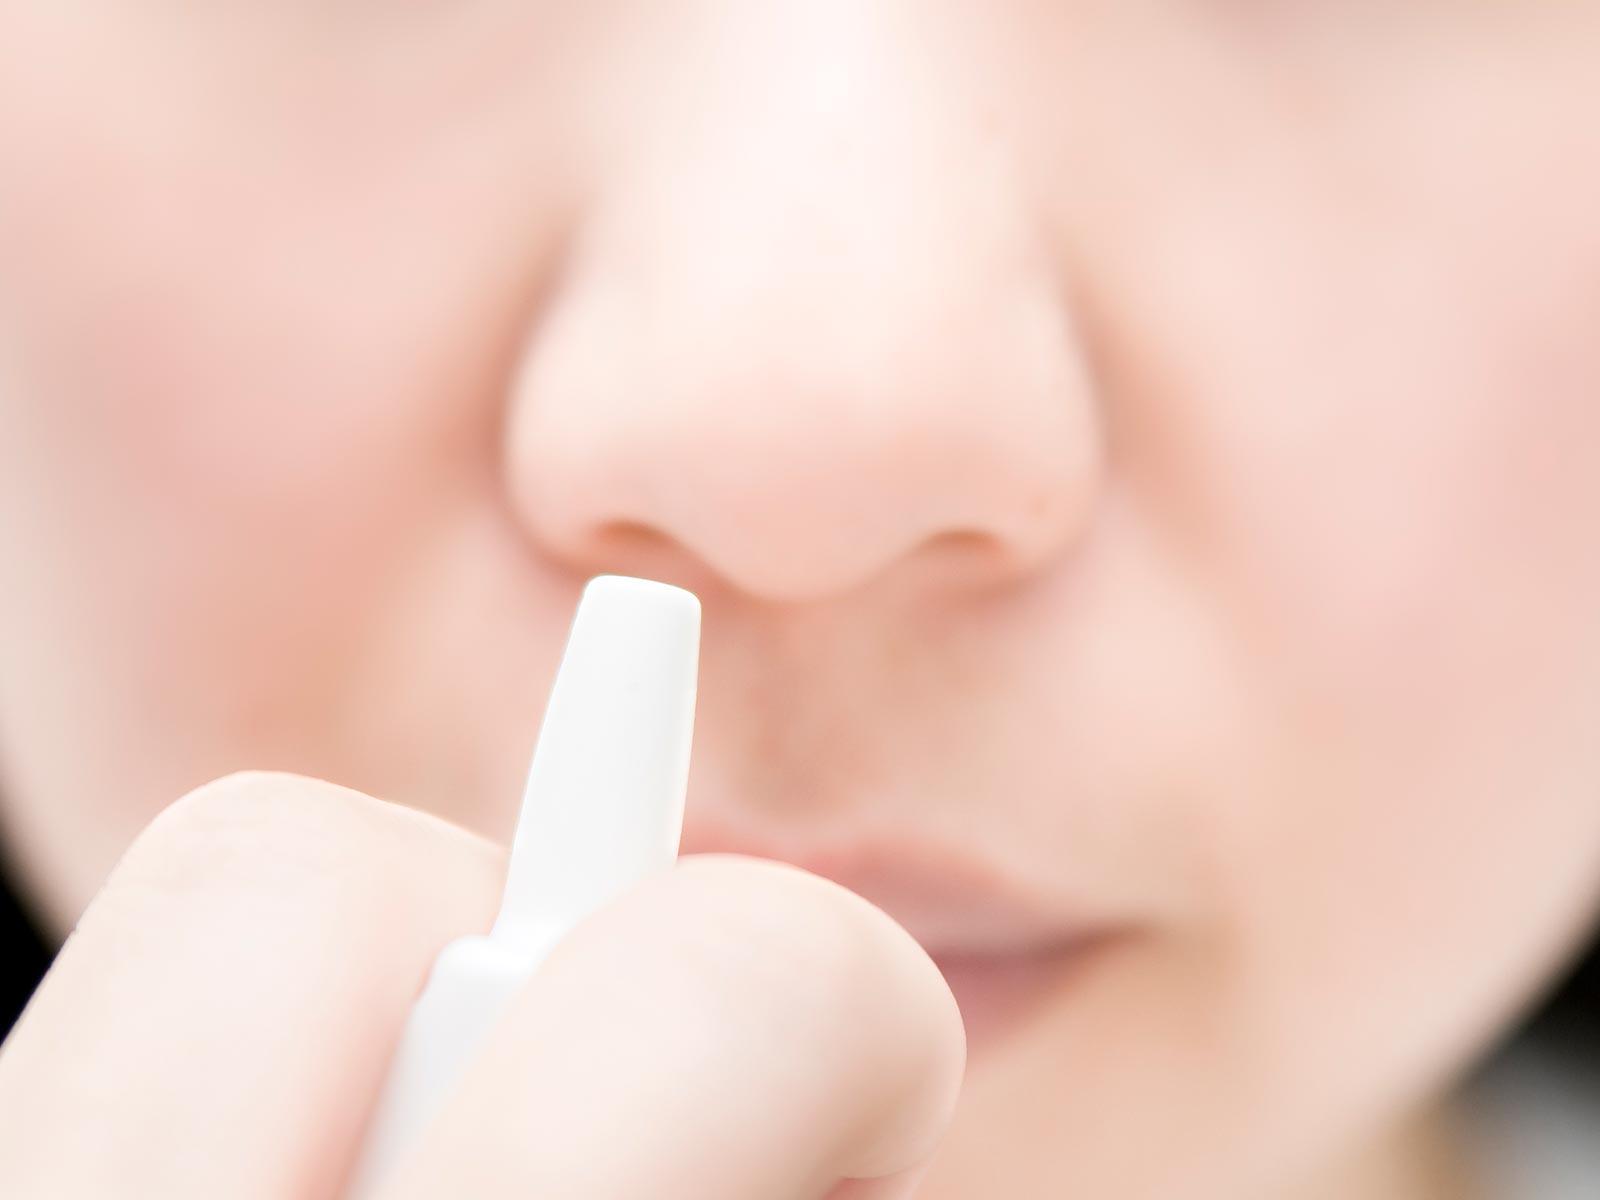 アレルギー治療薬もドライノーズの原因に!?